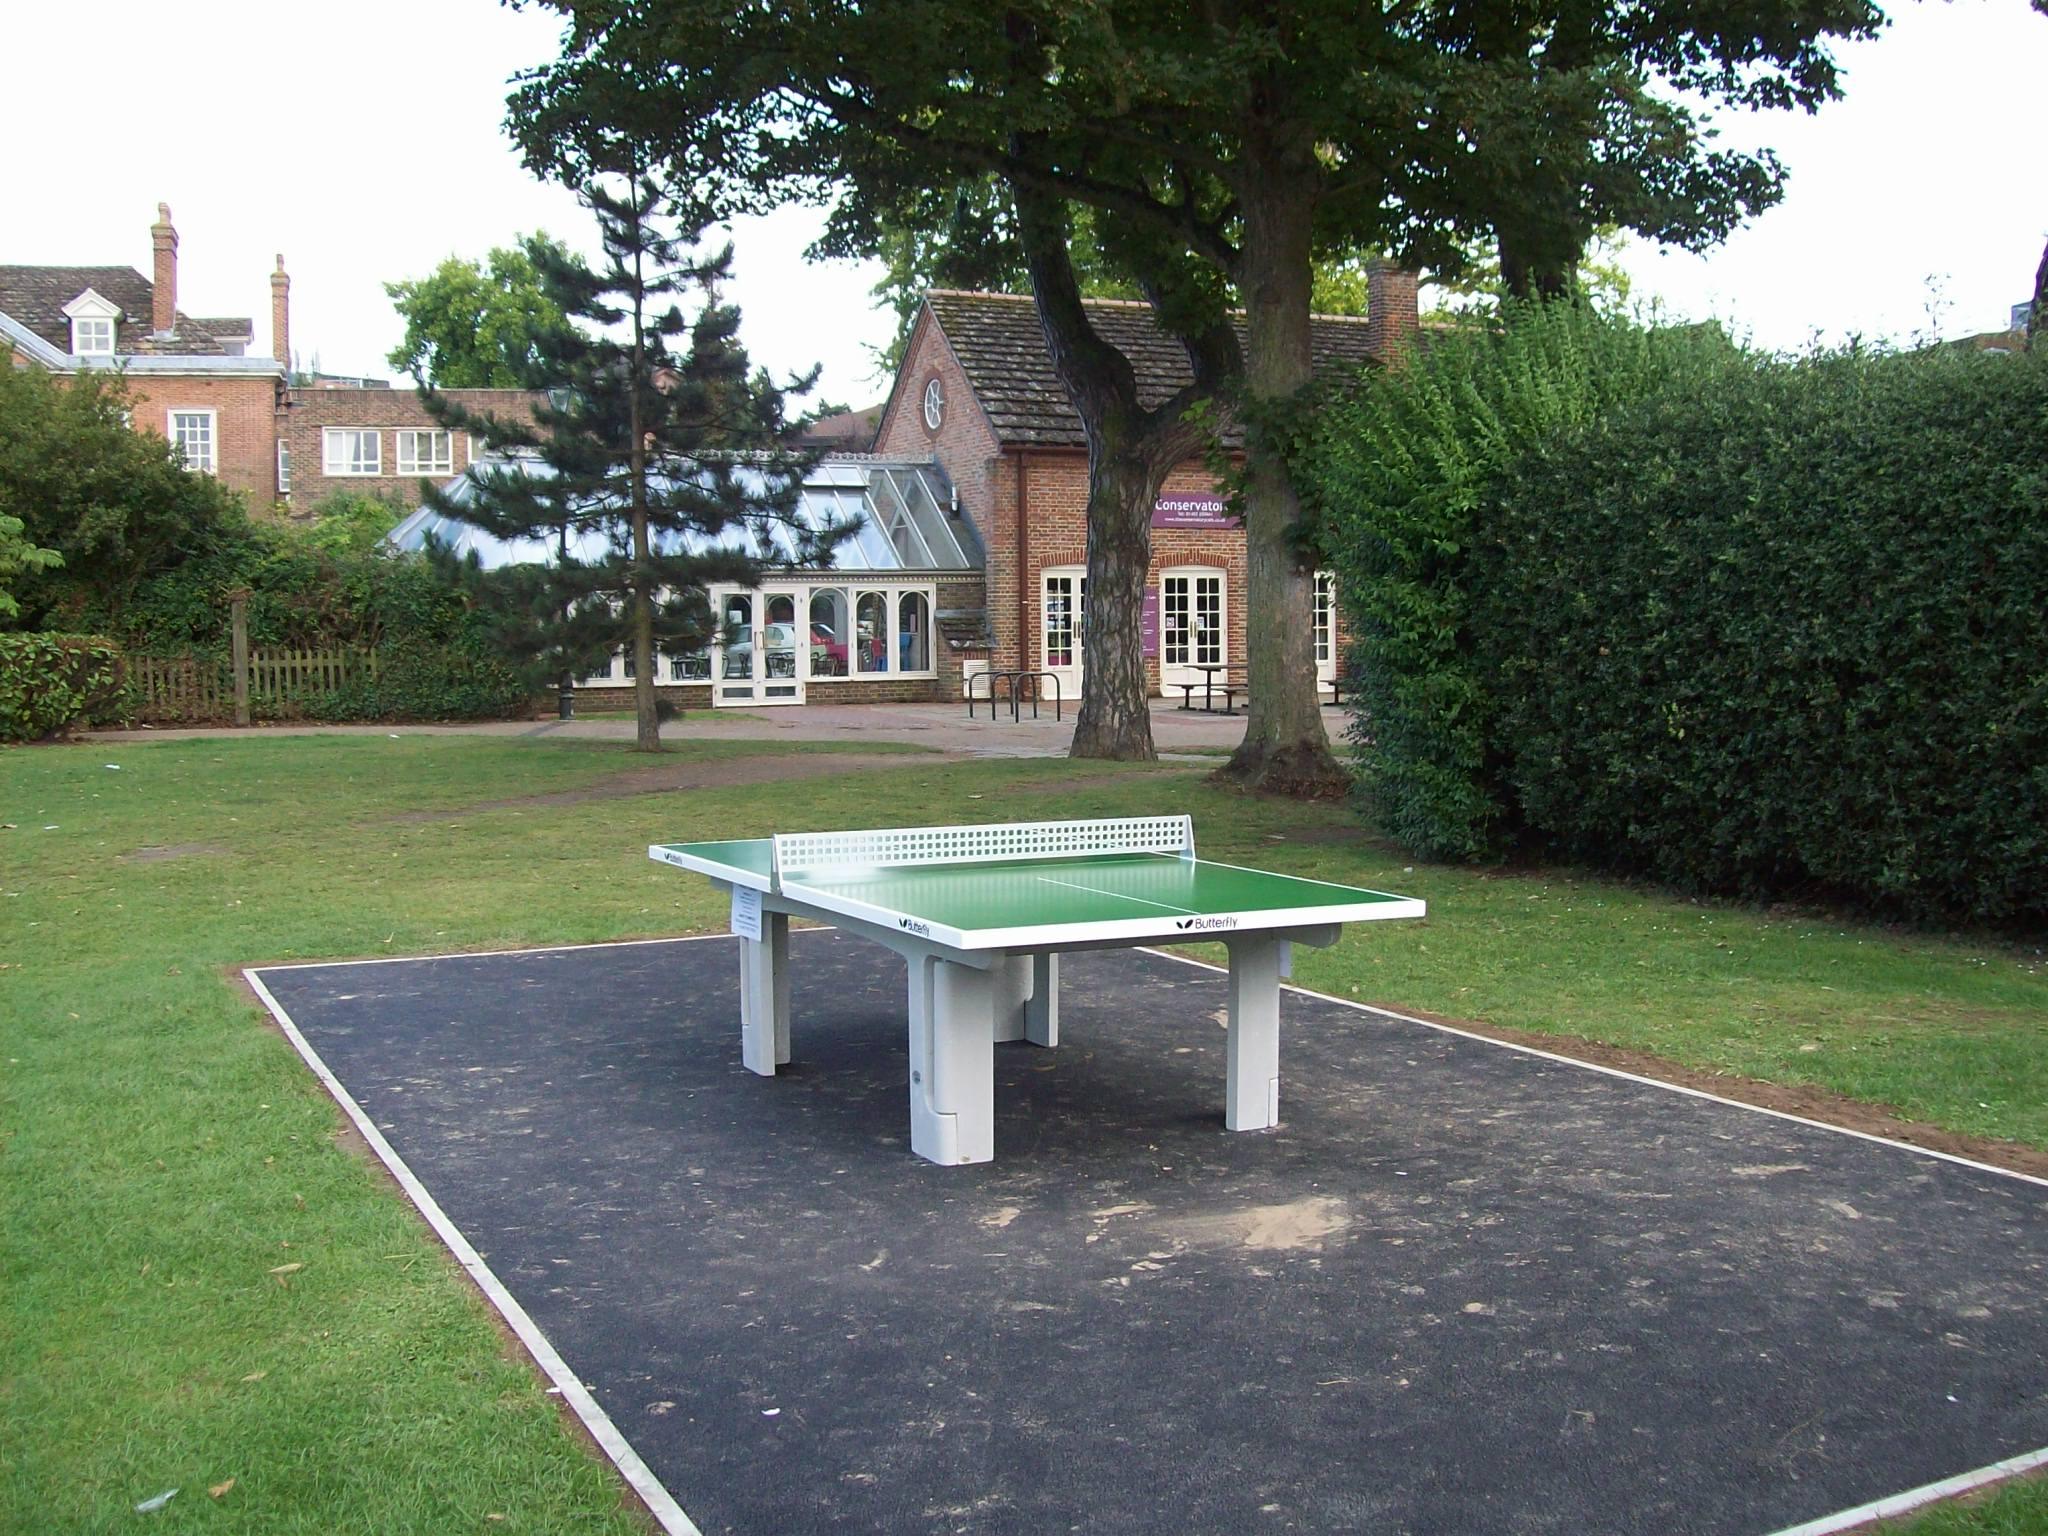 Horsham Park Table Tennis